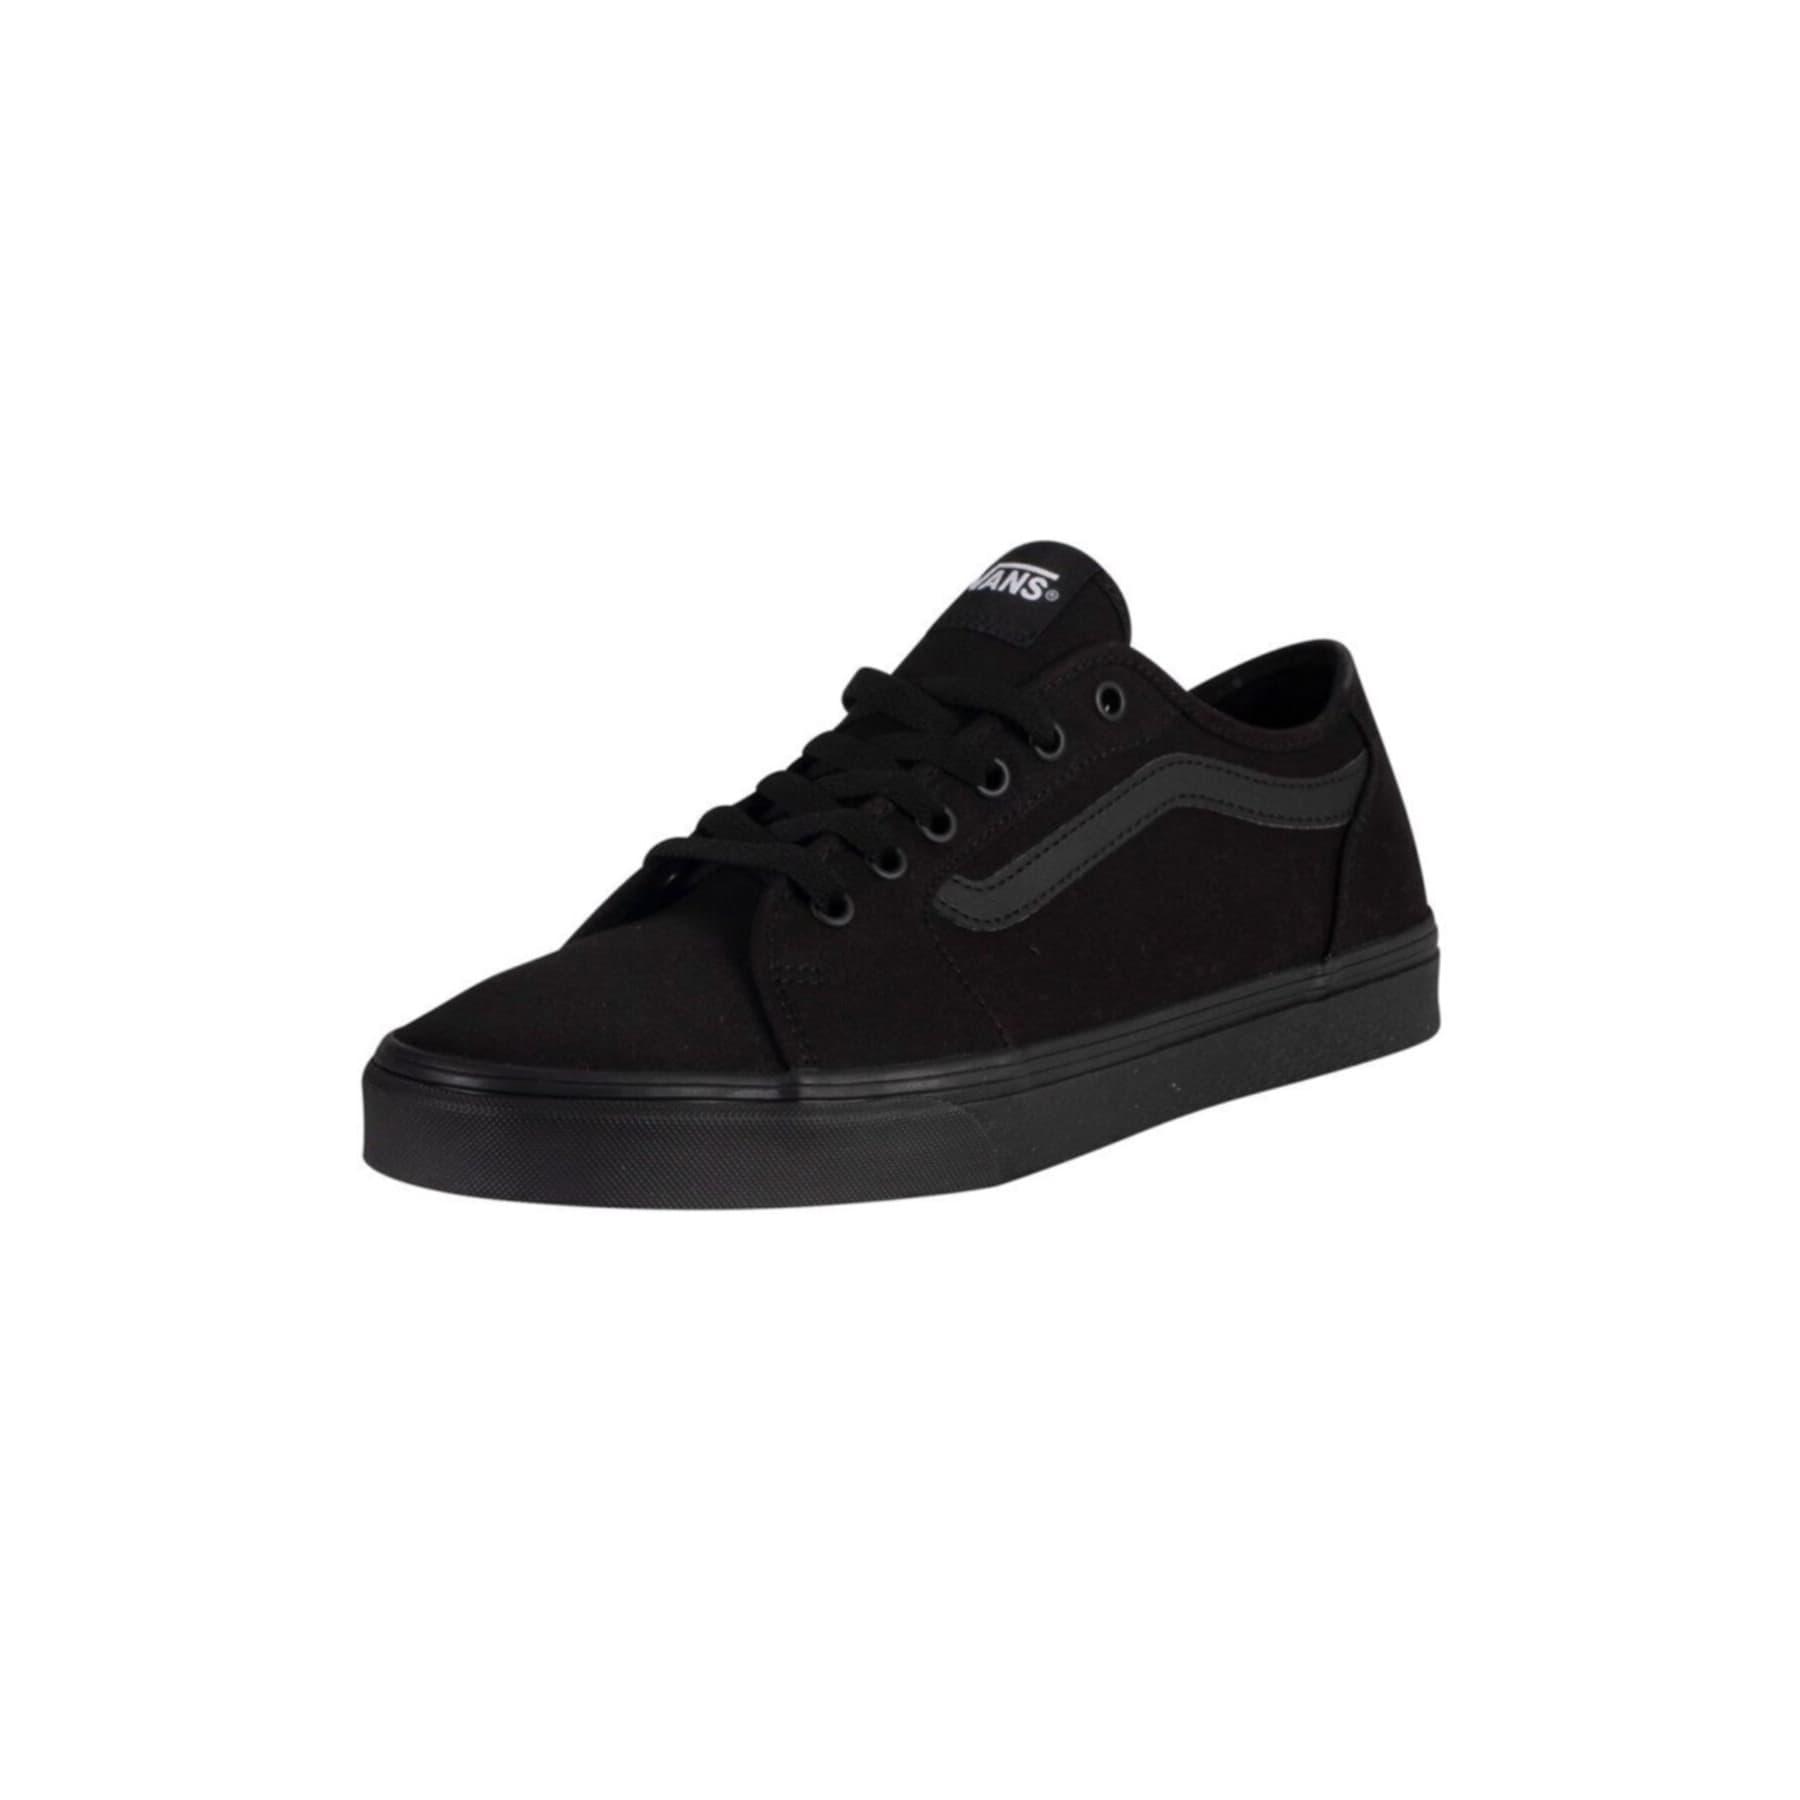 Filmore Decon Erkek Siyah Spor Ayakkabı